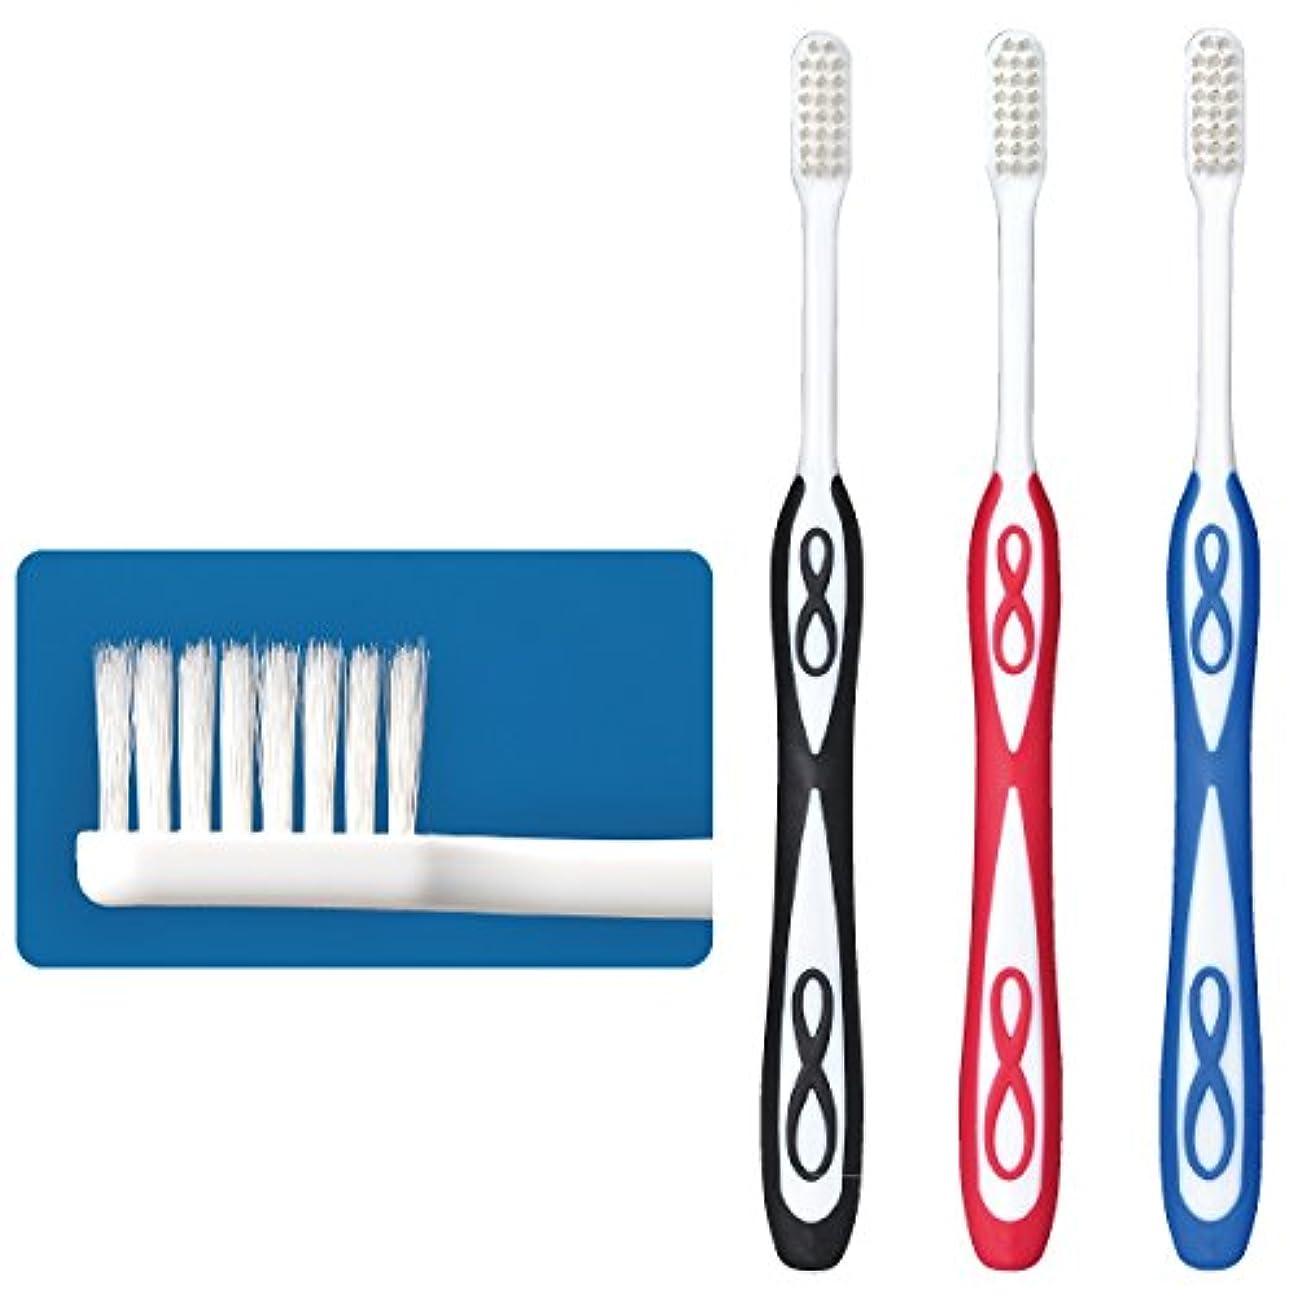 猛烈な反対した句読点Lover8(ラバーエイト)歯ブラシ レギュラータイプ オールテーパー毛 Mふつう 30本入